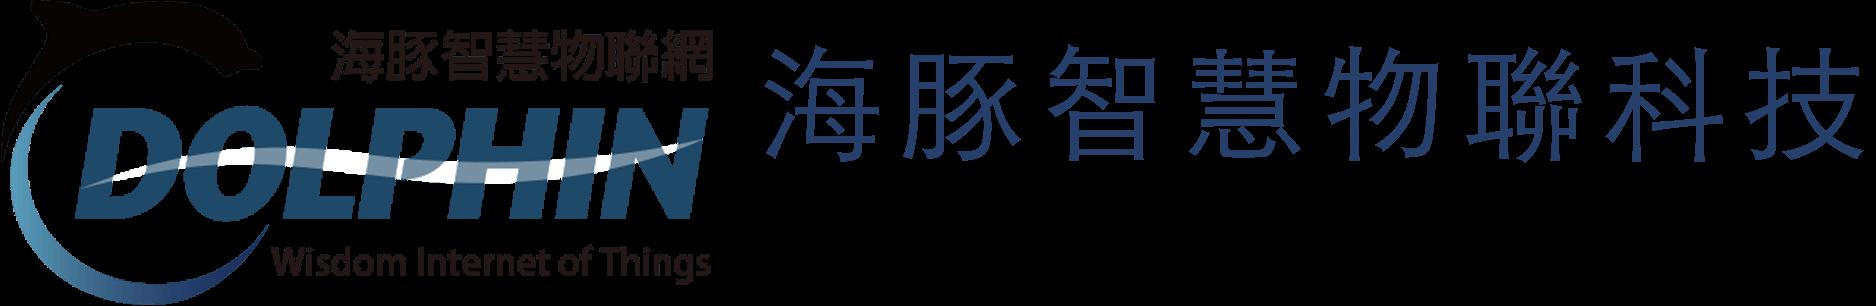 海豚智慧物聯網股份有限公司 Dolphin Wisdom Internet of Things Co., Ltd.